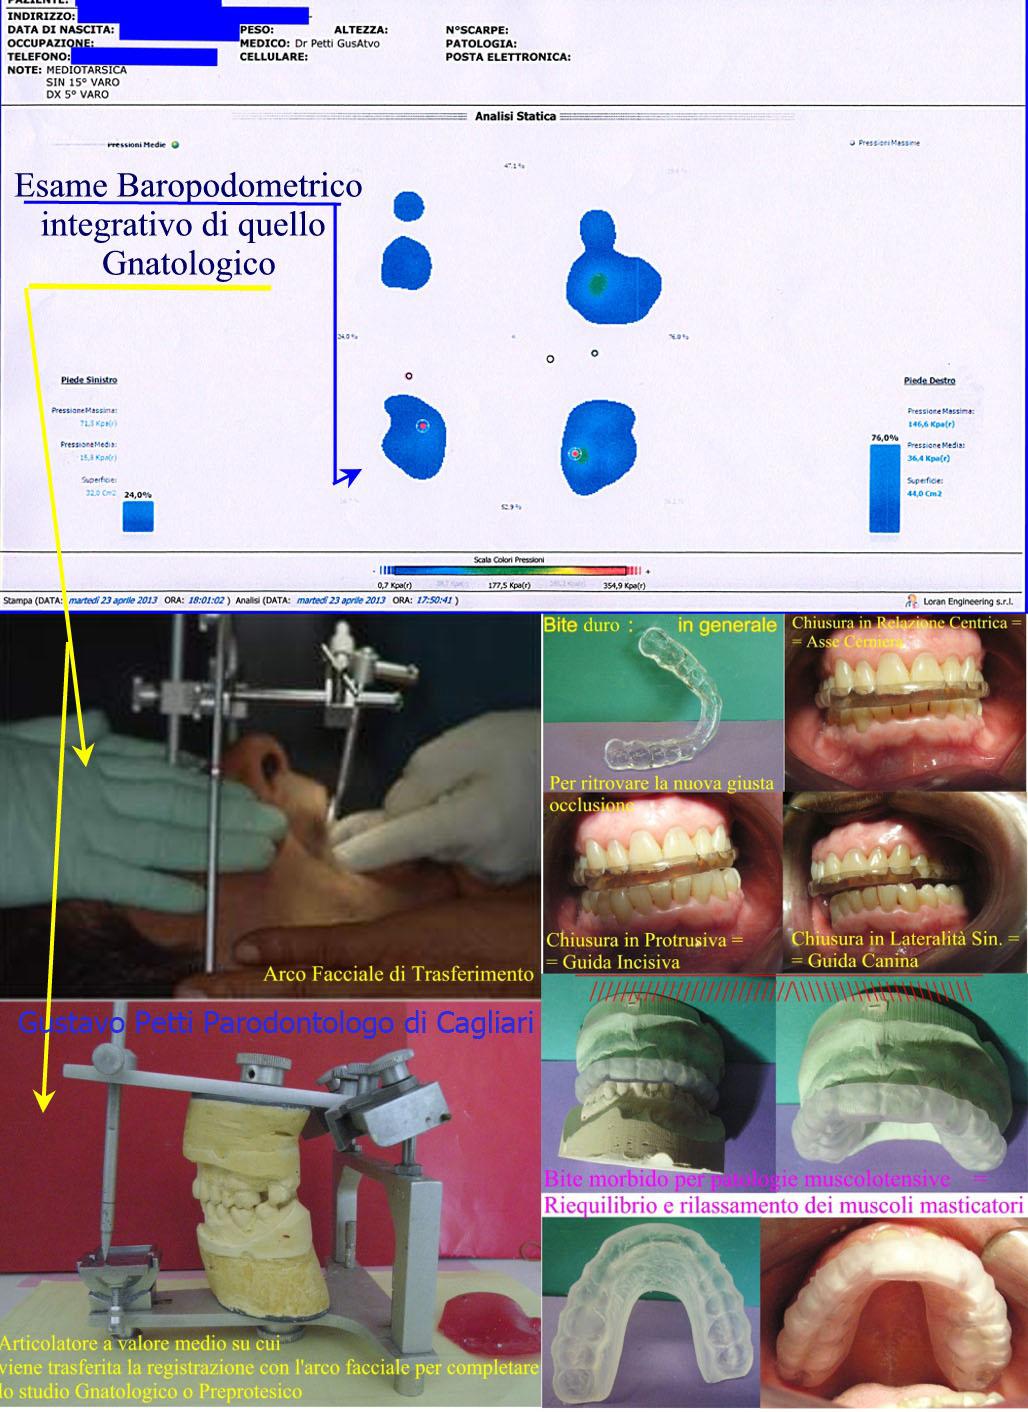 gnatologia-dr-g.petti-cagliari-251.jpg